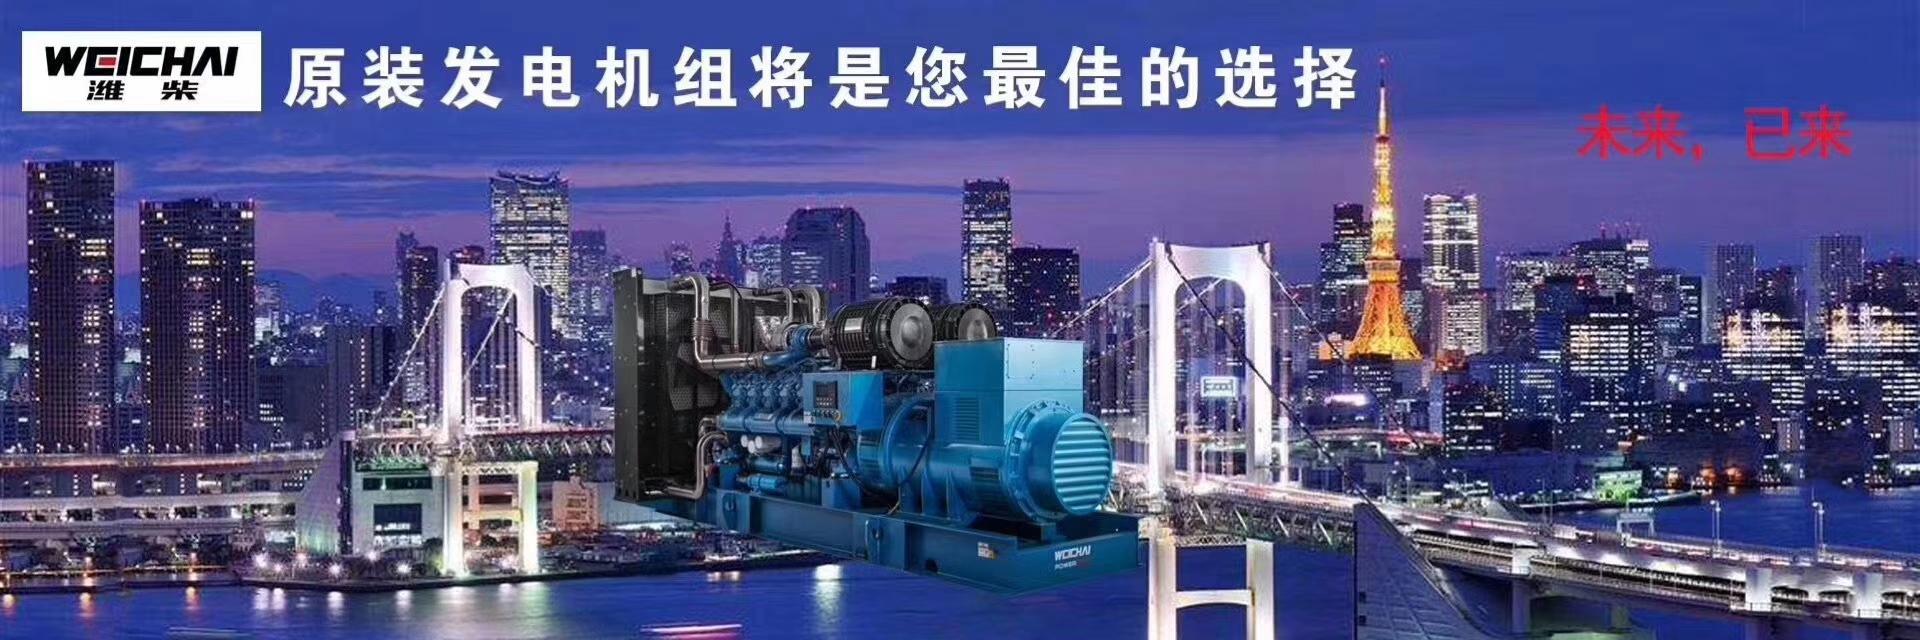 知名上柴采购_提供柴油发电机组-金华市永达柴油机销售有限公司